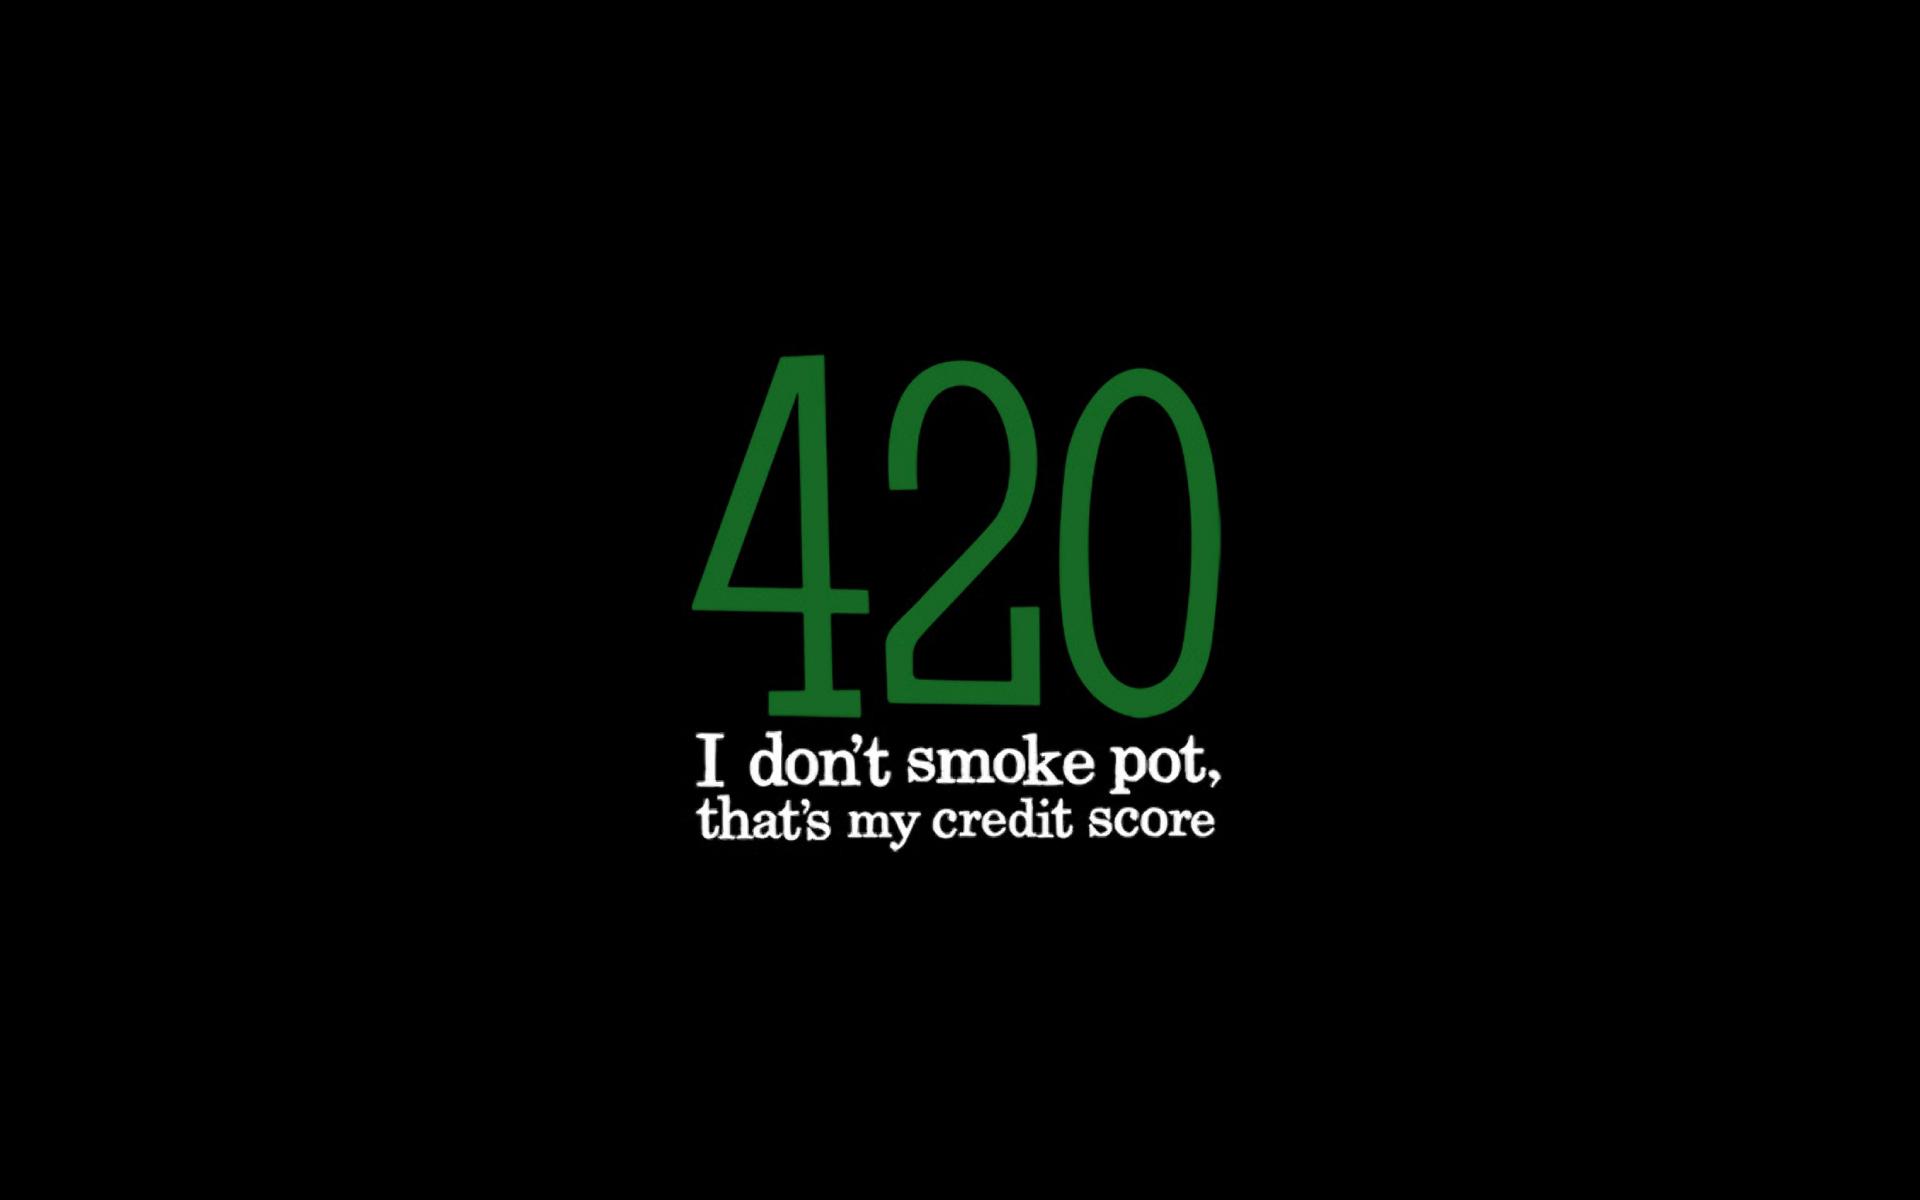 Funny Marijuana Wallpapers Wallpapersafari